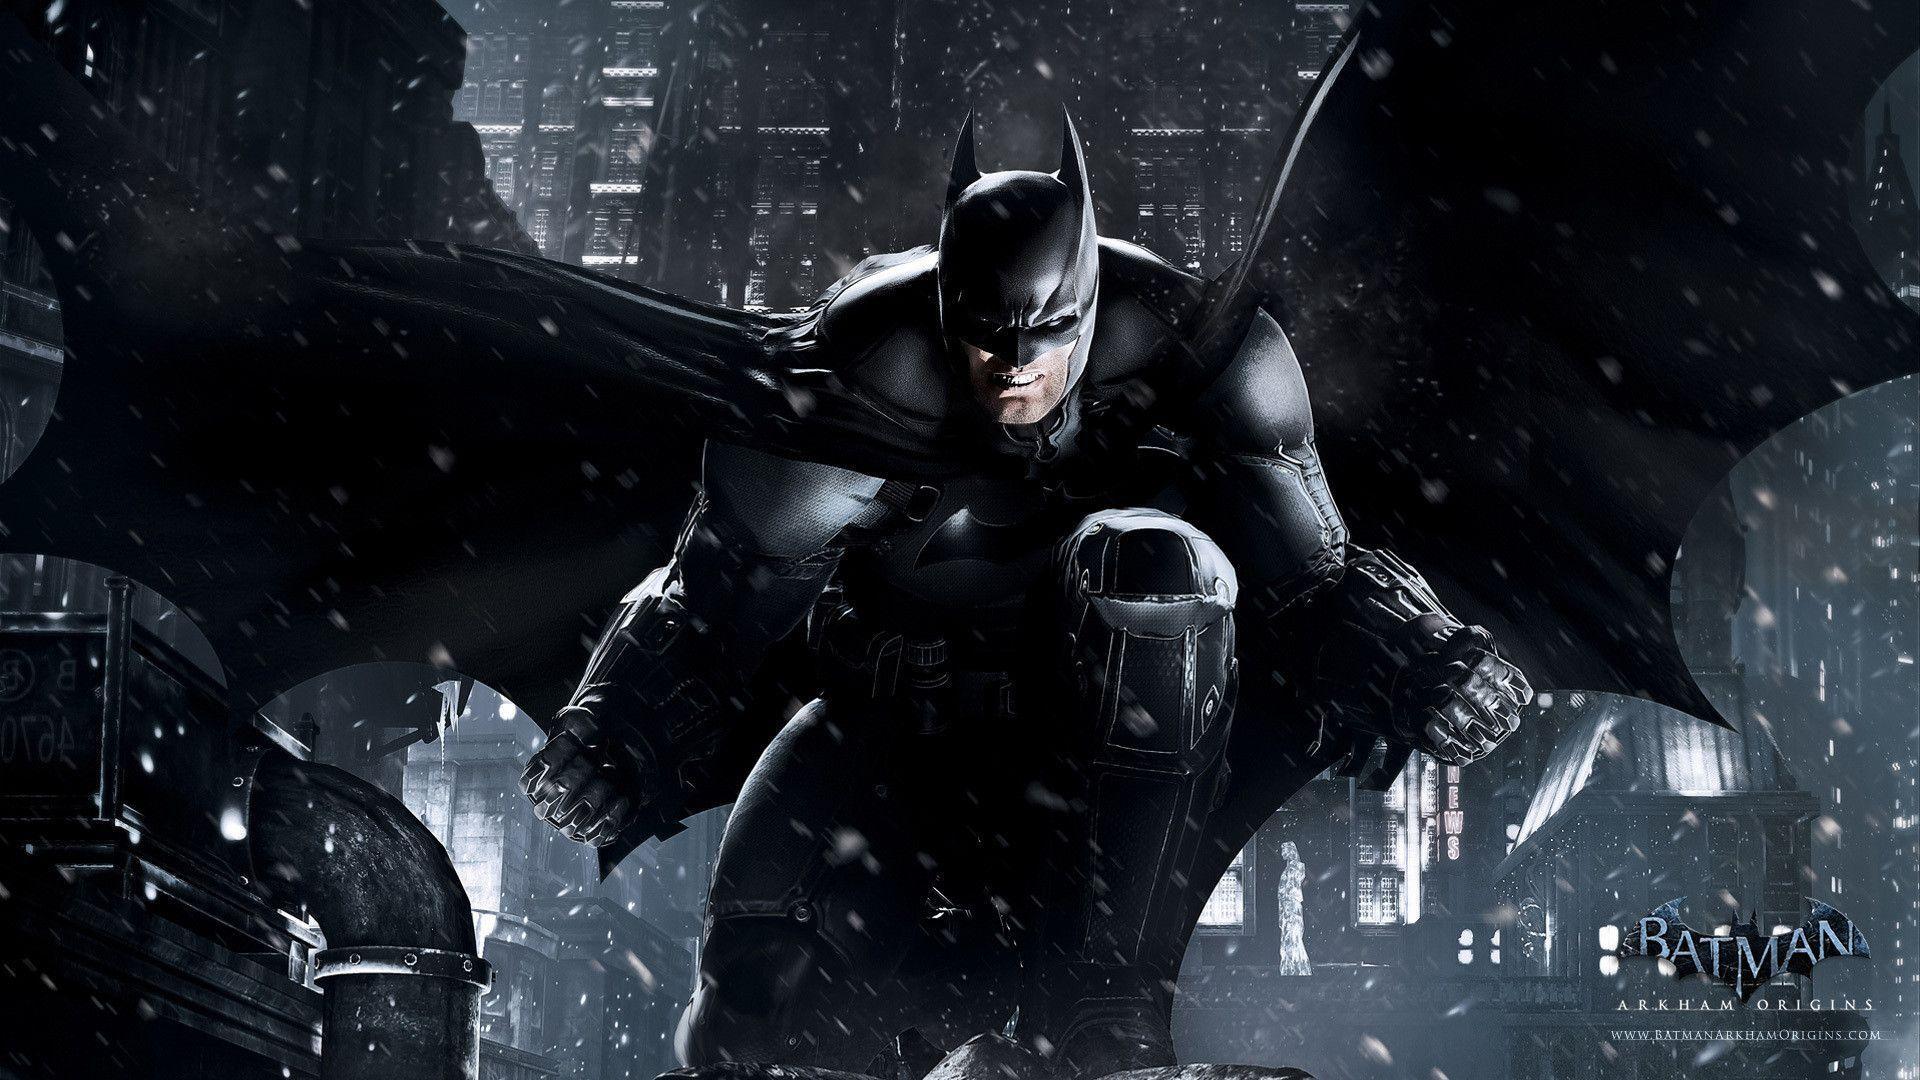 Hd wallpaper batman - Batman Desktop Hd Wallpaper Batman Images Free New Wallpapers